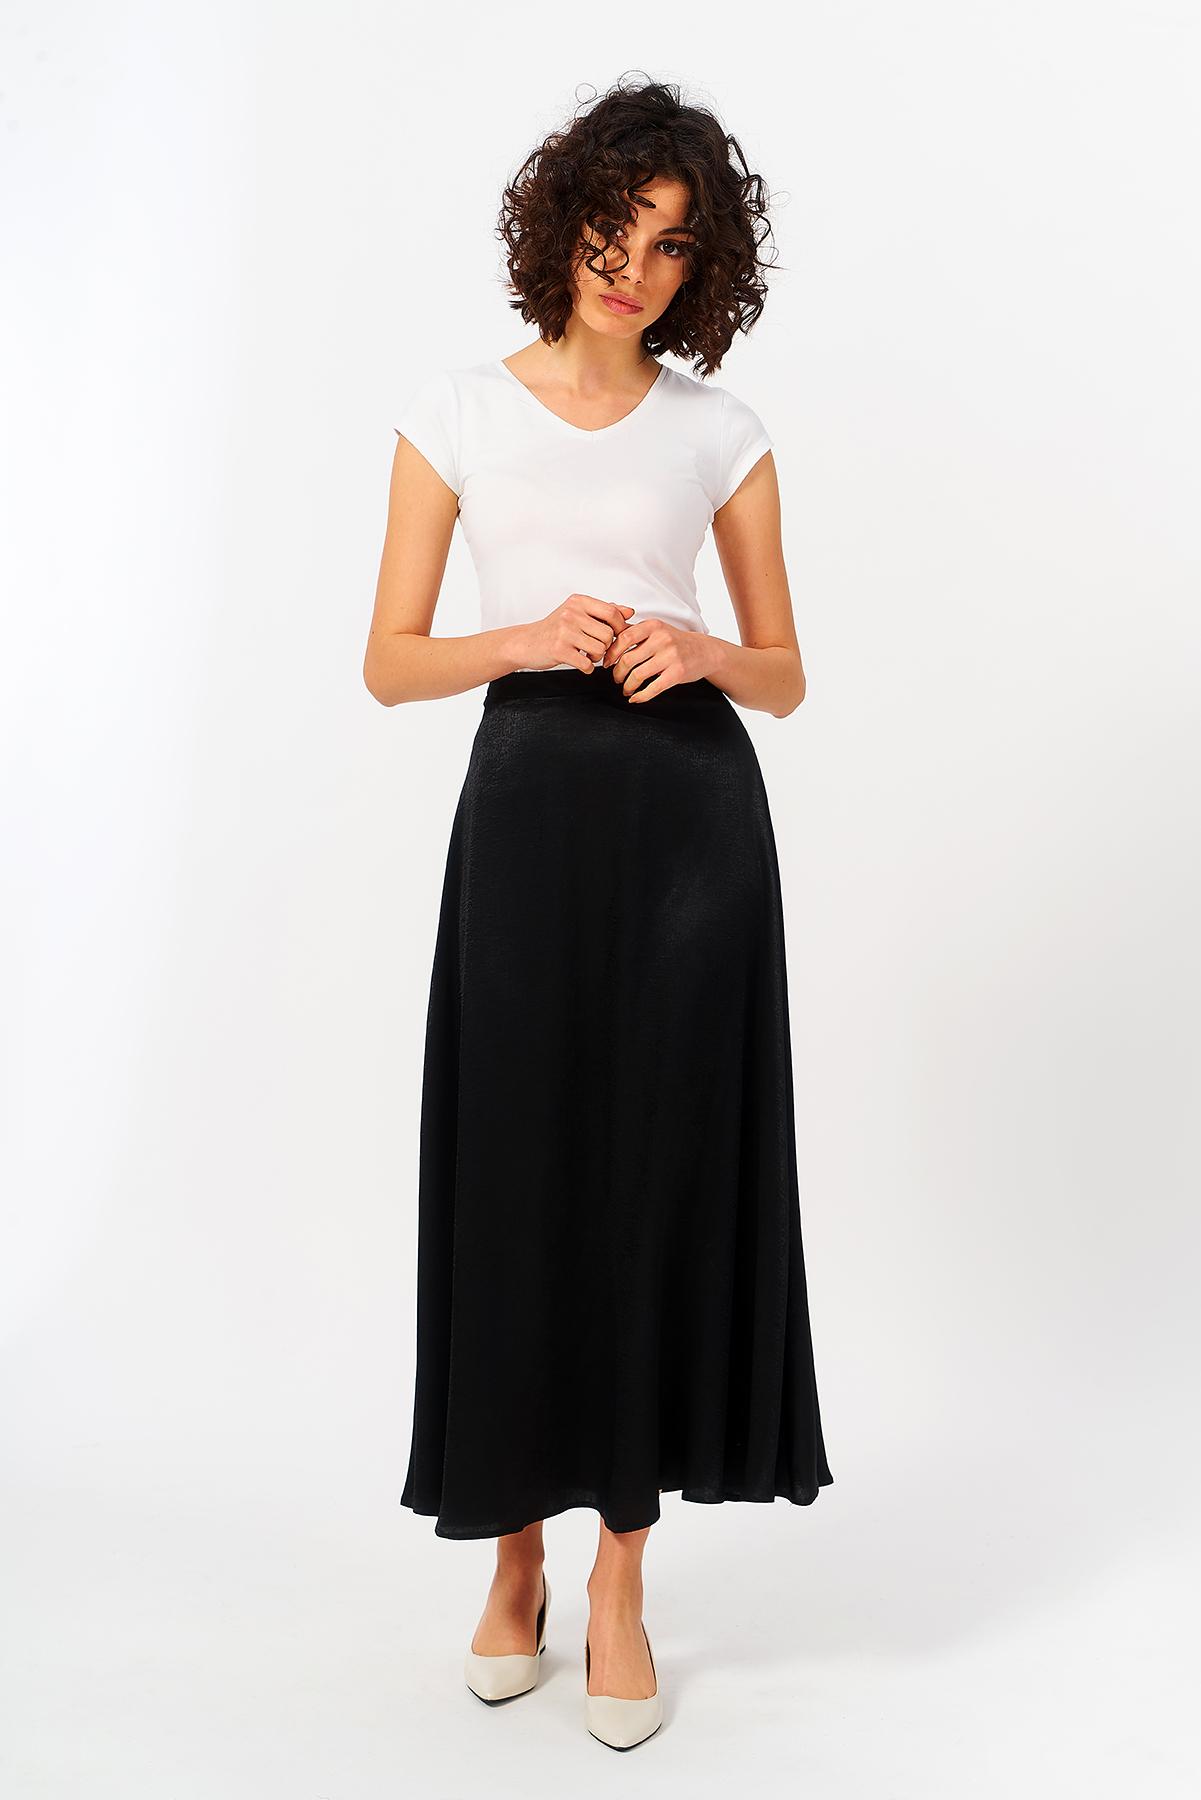 Mevra - Uzun Etek Siyah